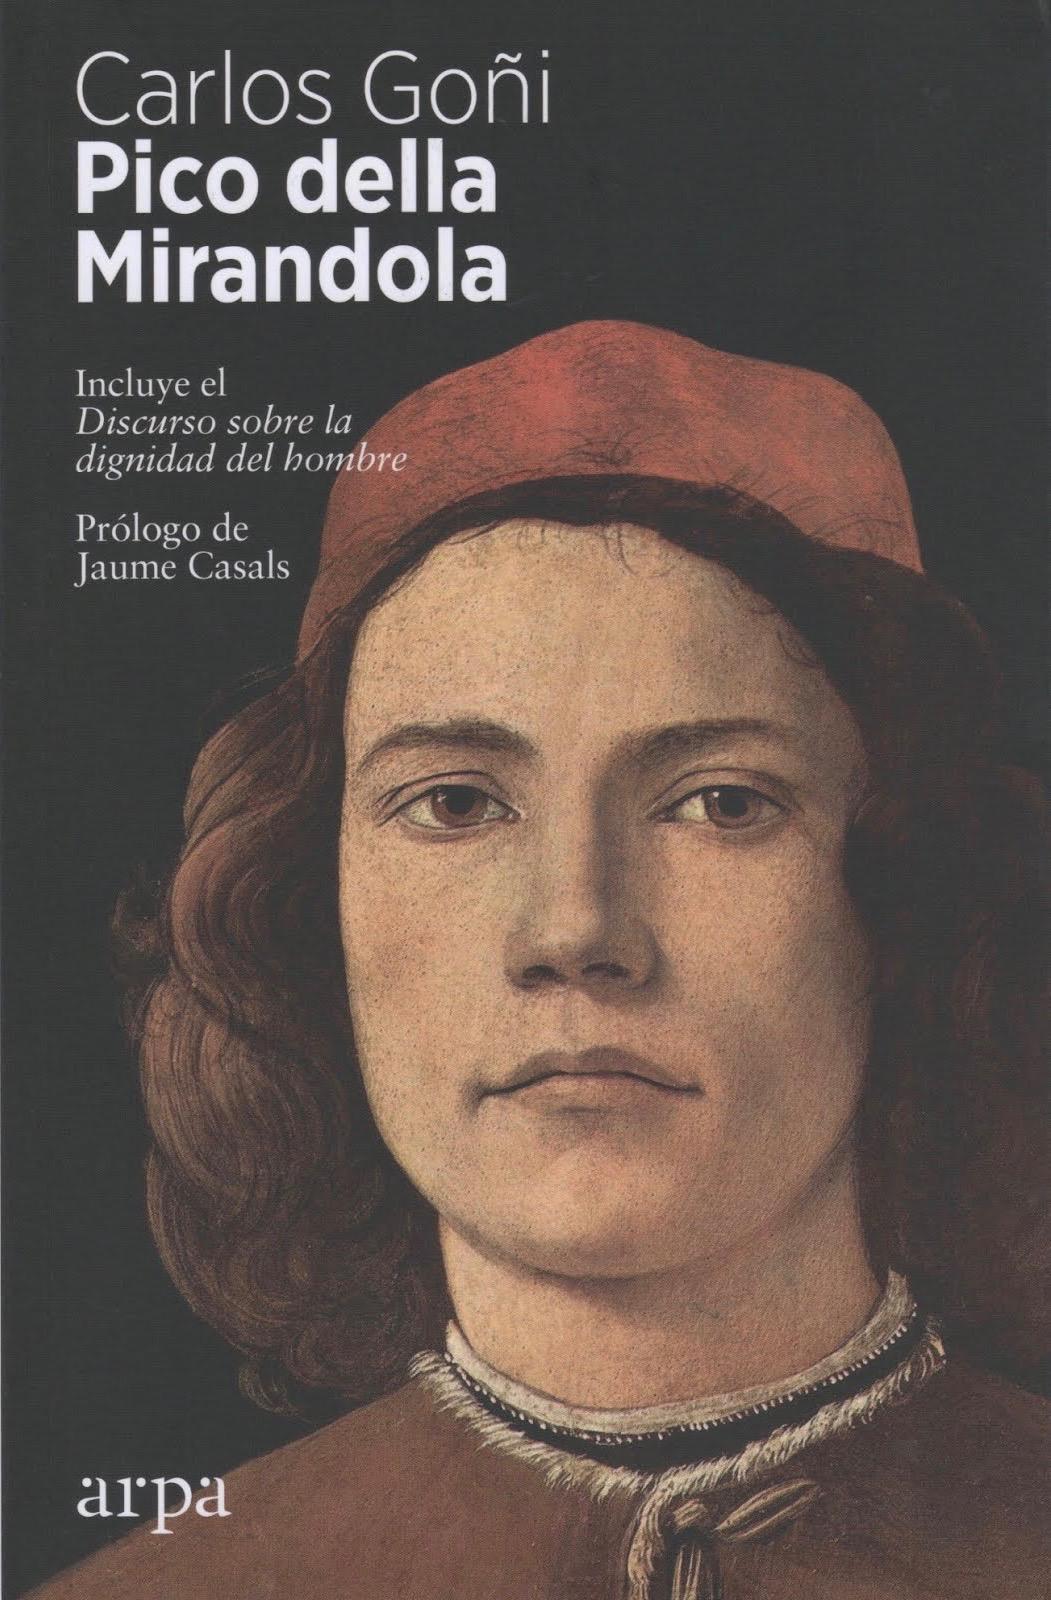 Carlos Goñi (Pico della Mirandola) Incluye el Discurso sobre la dignidad del hombre